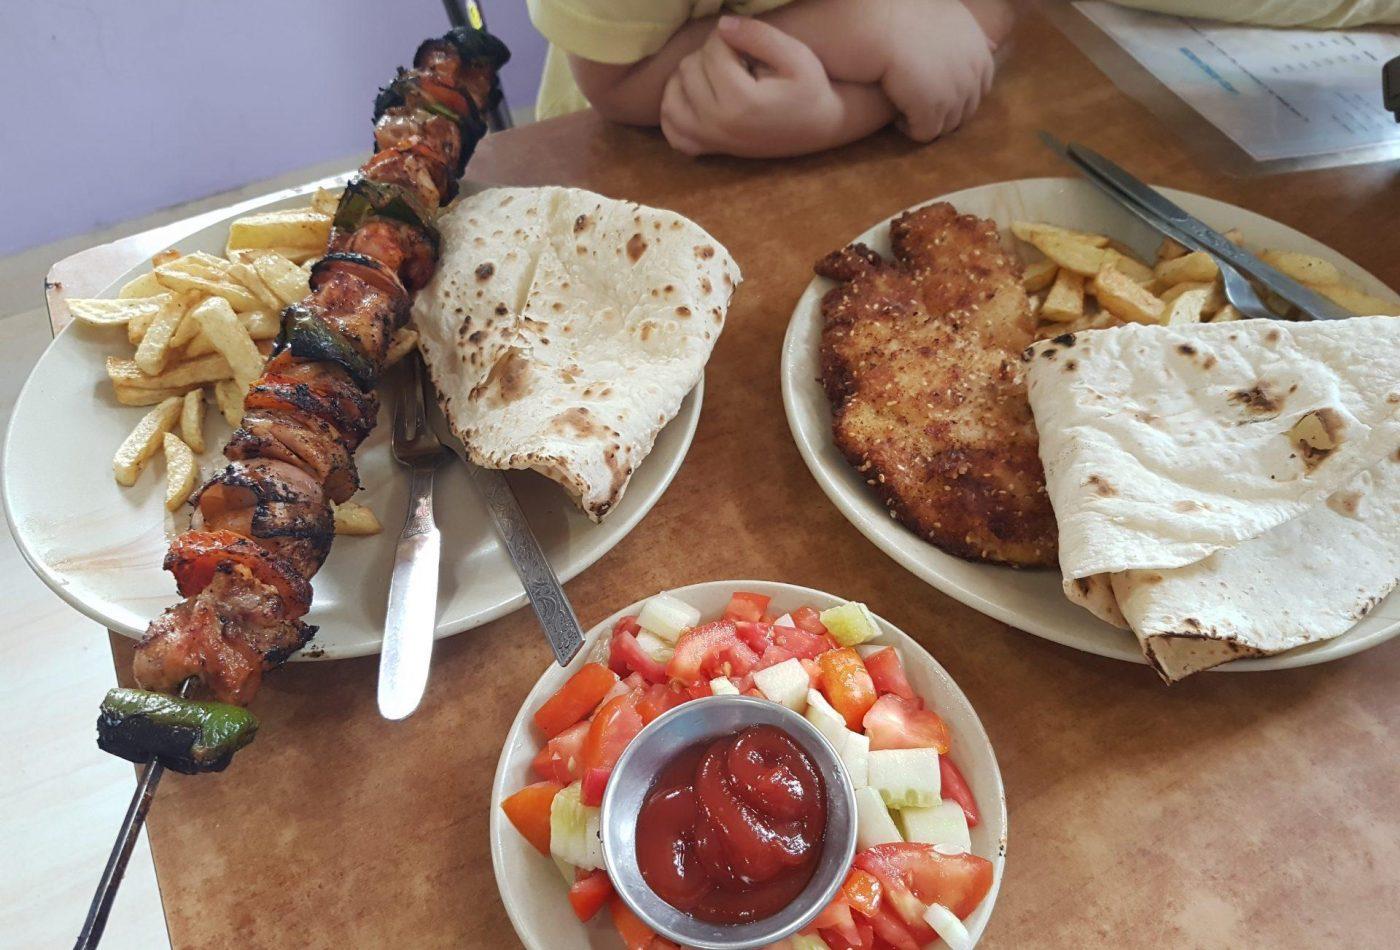 ארוחת צהריים בבית חבד דרמקוט